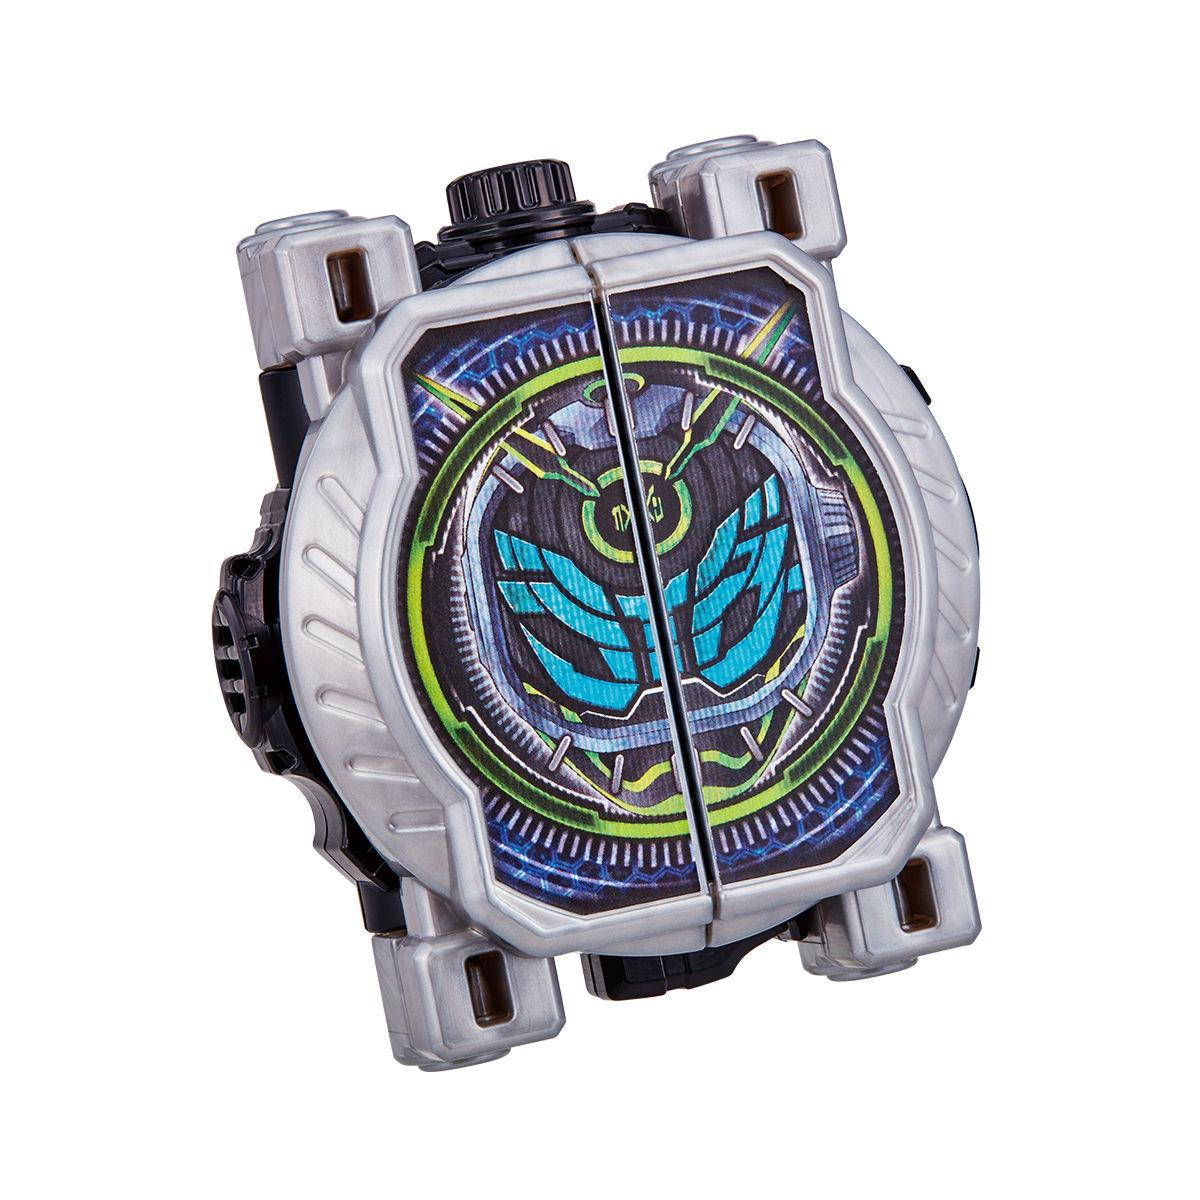 変身ベルト『DXビヨンドライバー』仮面ライダージオウ 変身なりきり-006